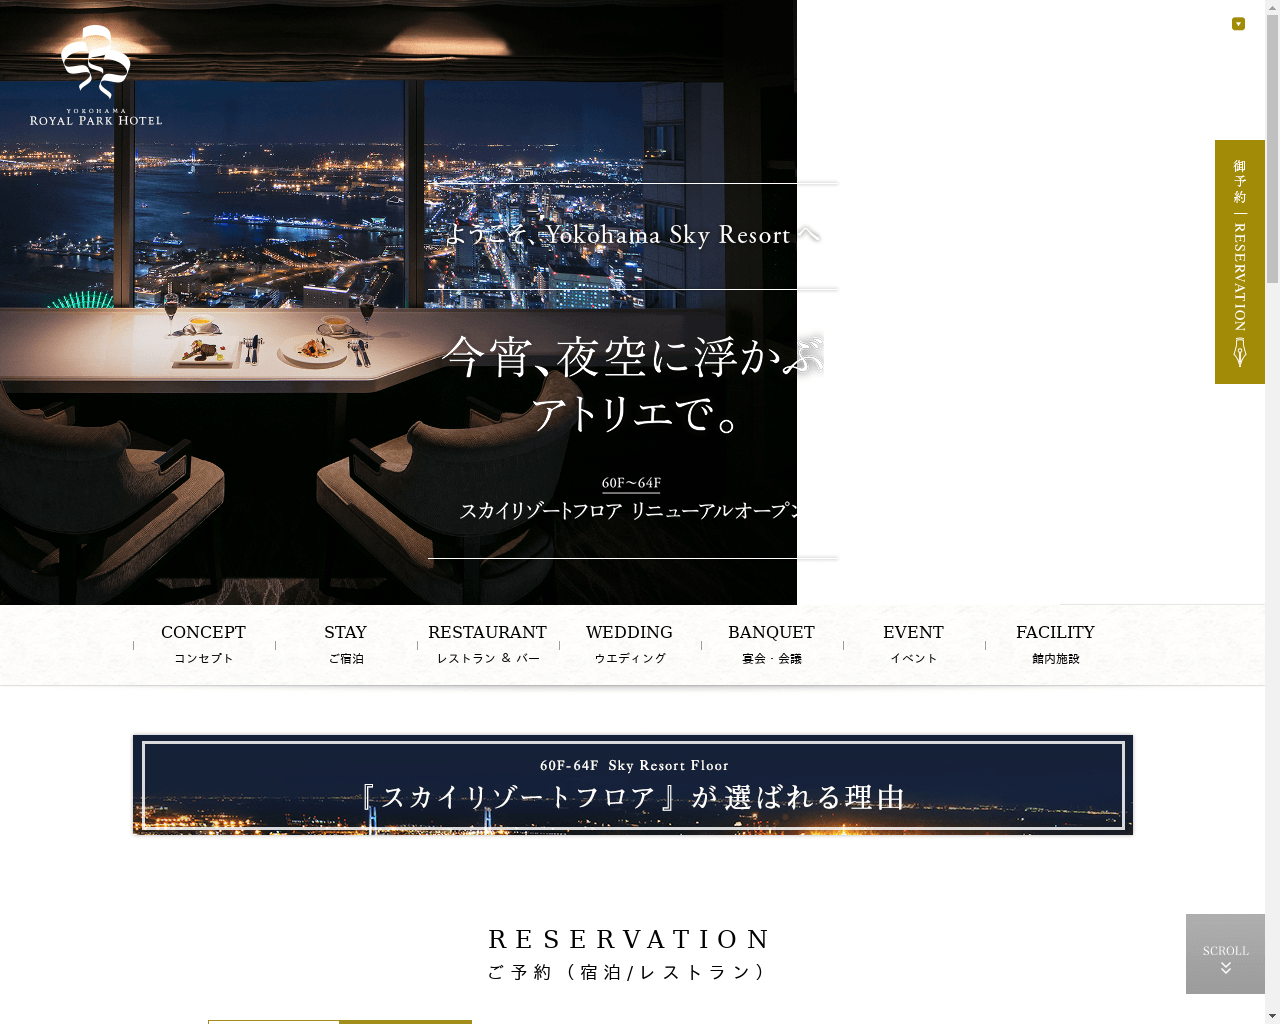 高級ホテル特集 横浜ロイヤルパークホテル